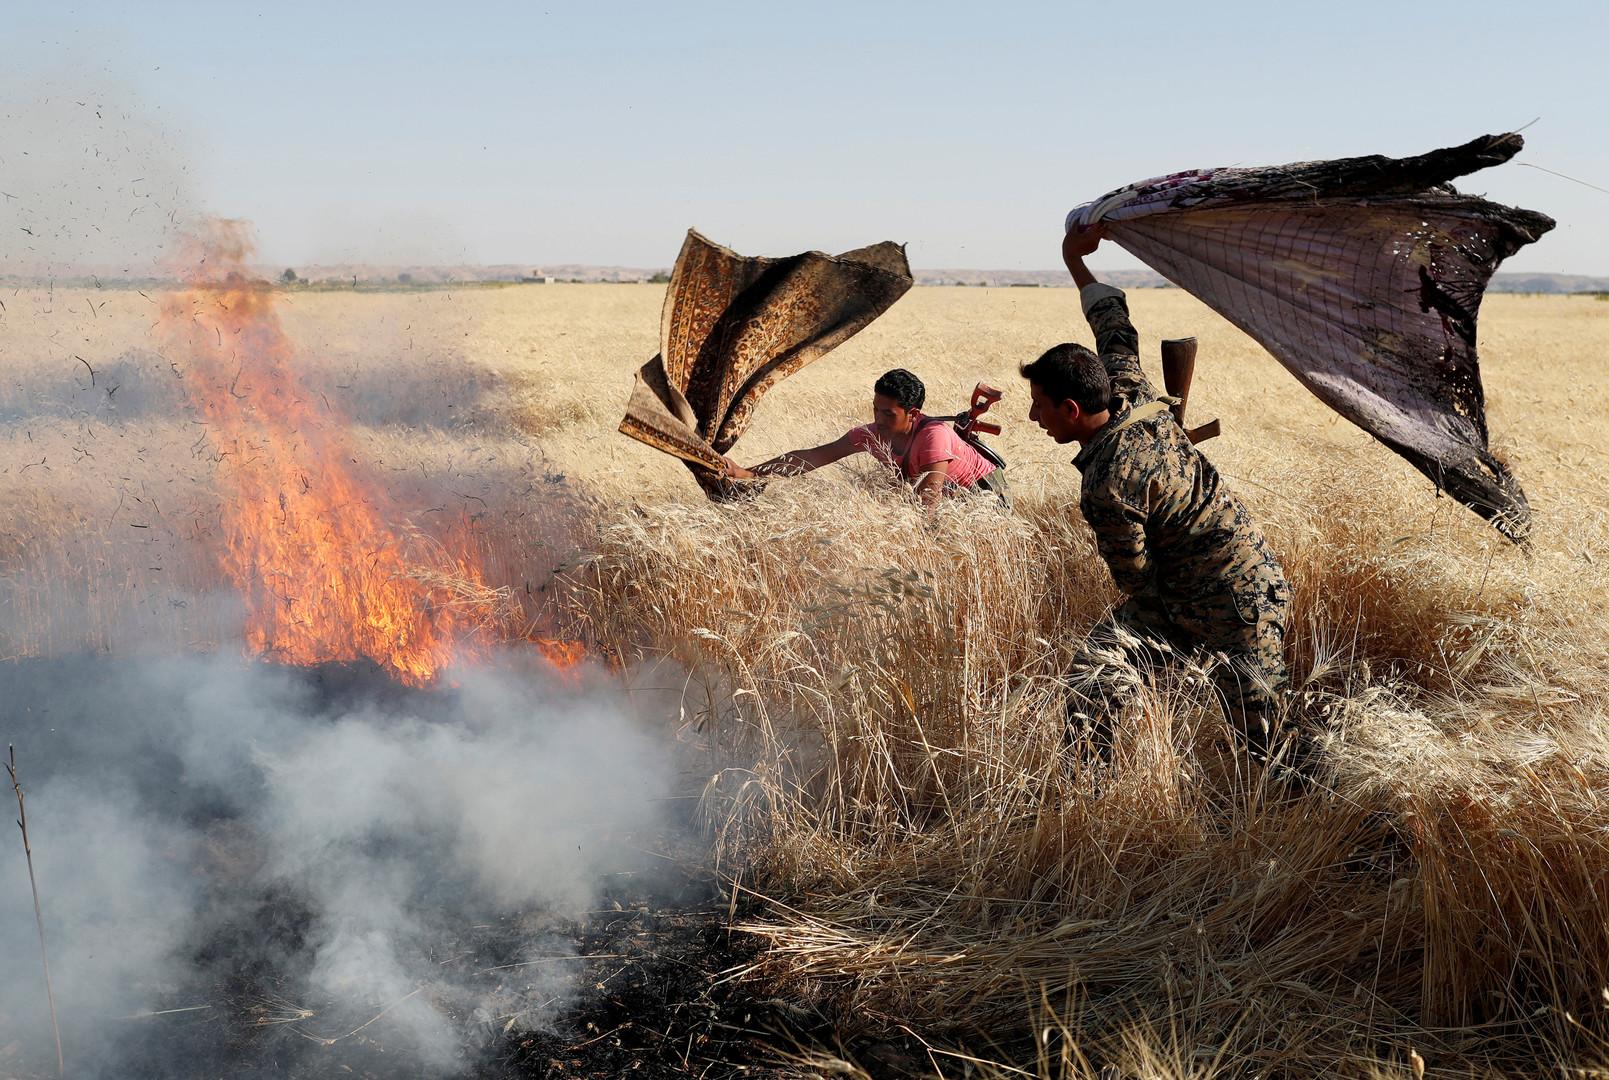 يزرعون القمح .. ويحصدون الرماد:حرائق مجهولة الفاعل في سوريا